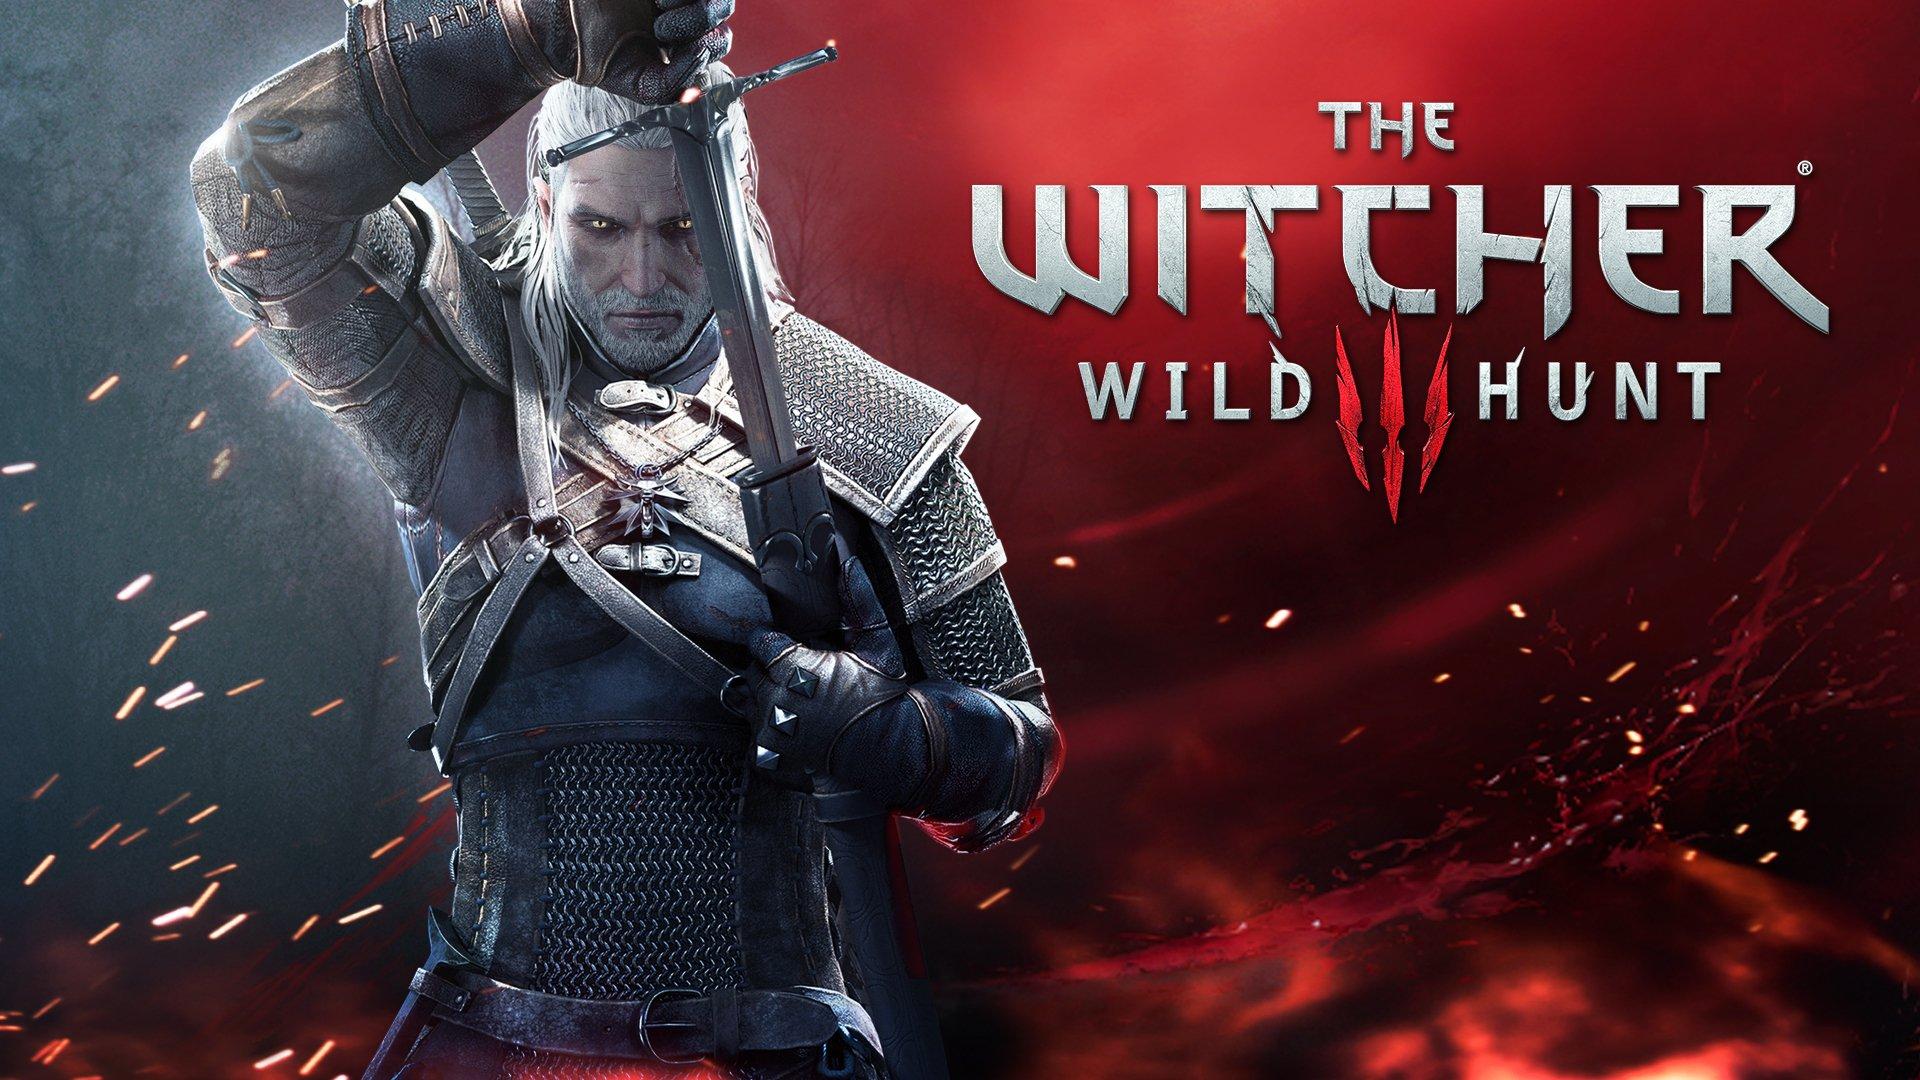 The Witcher 3: Wild Hunt. Оценки!  GameSpot — 10/10  Одна из лучших игр в истории  GameGuru - 10/10 Gameswelt - 10/ .... - Изображение 1